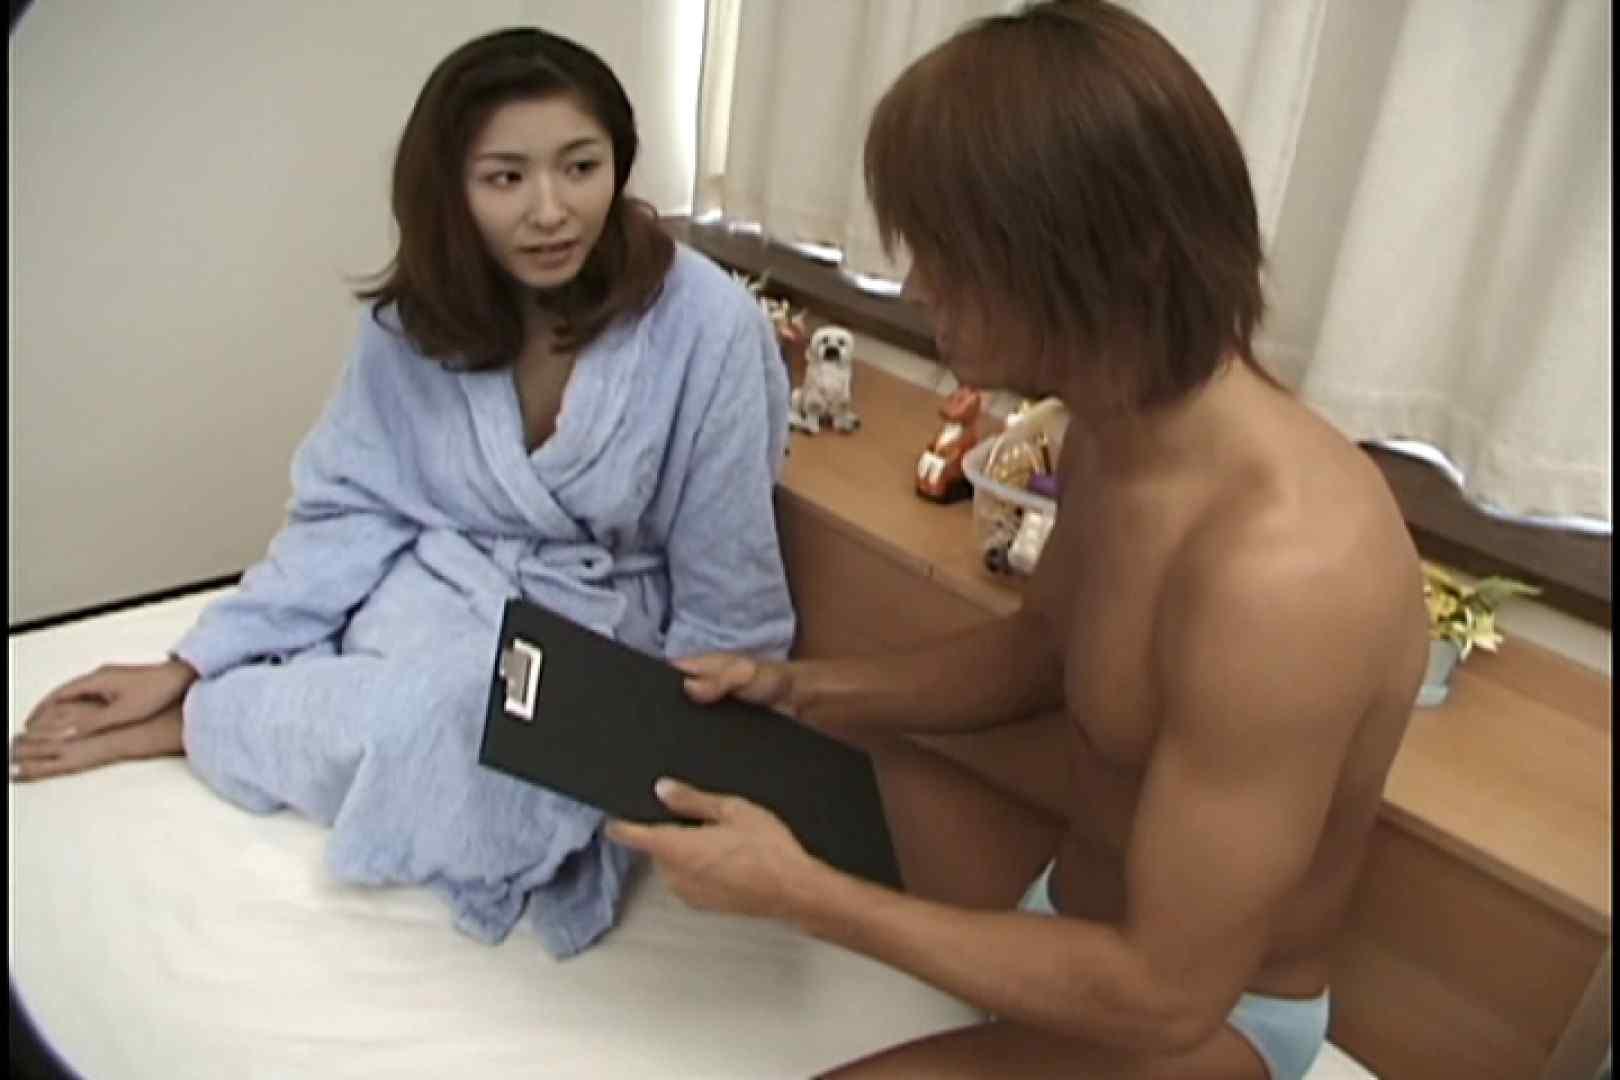 昼間の奥様は欲求不満 ~安田弘美~ おっぱい大好き | 人妻のエッチ  76pic 41